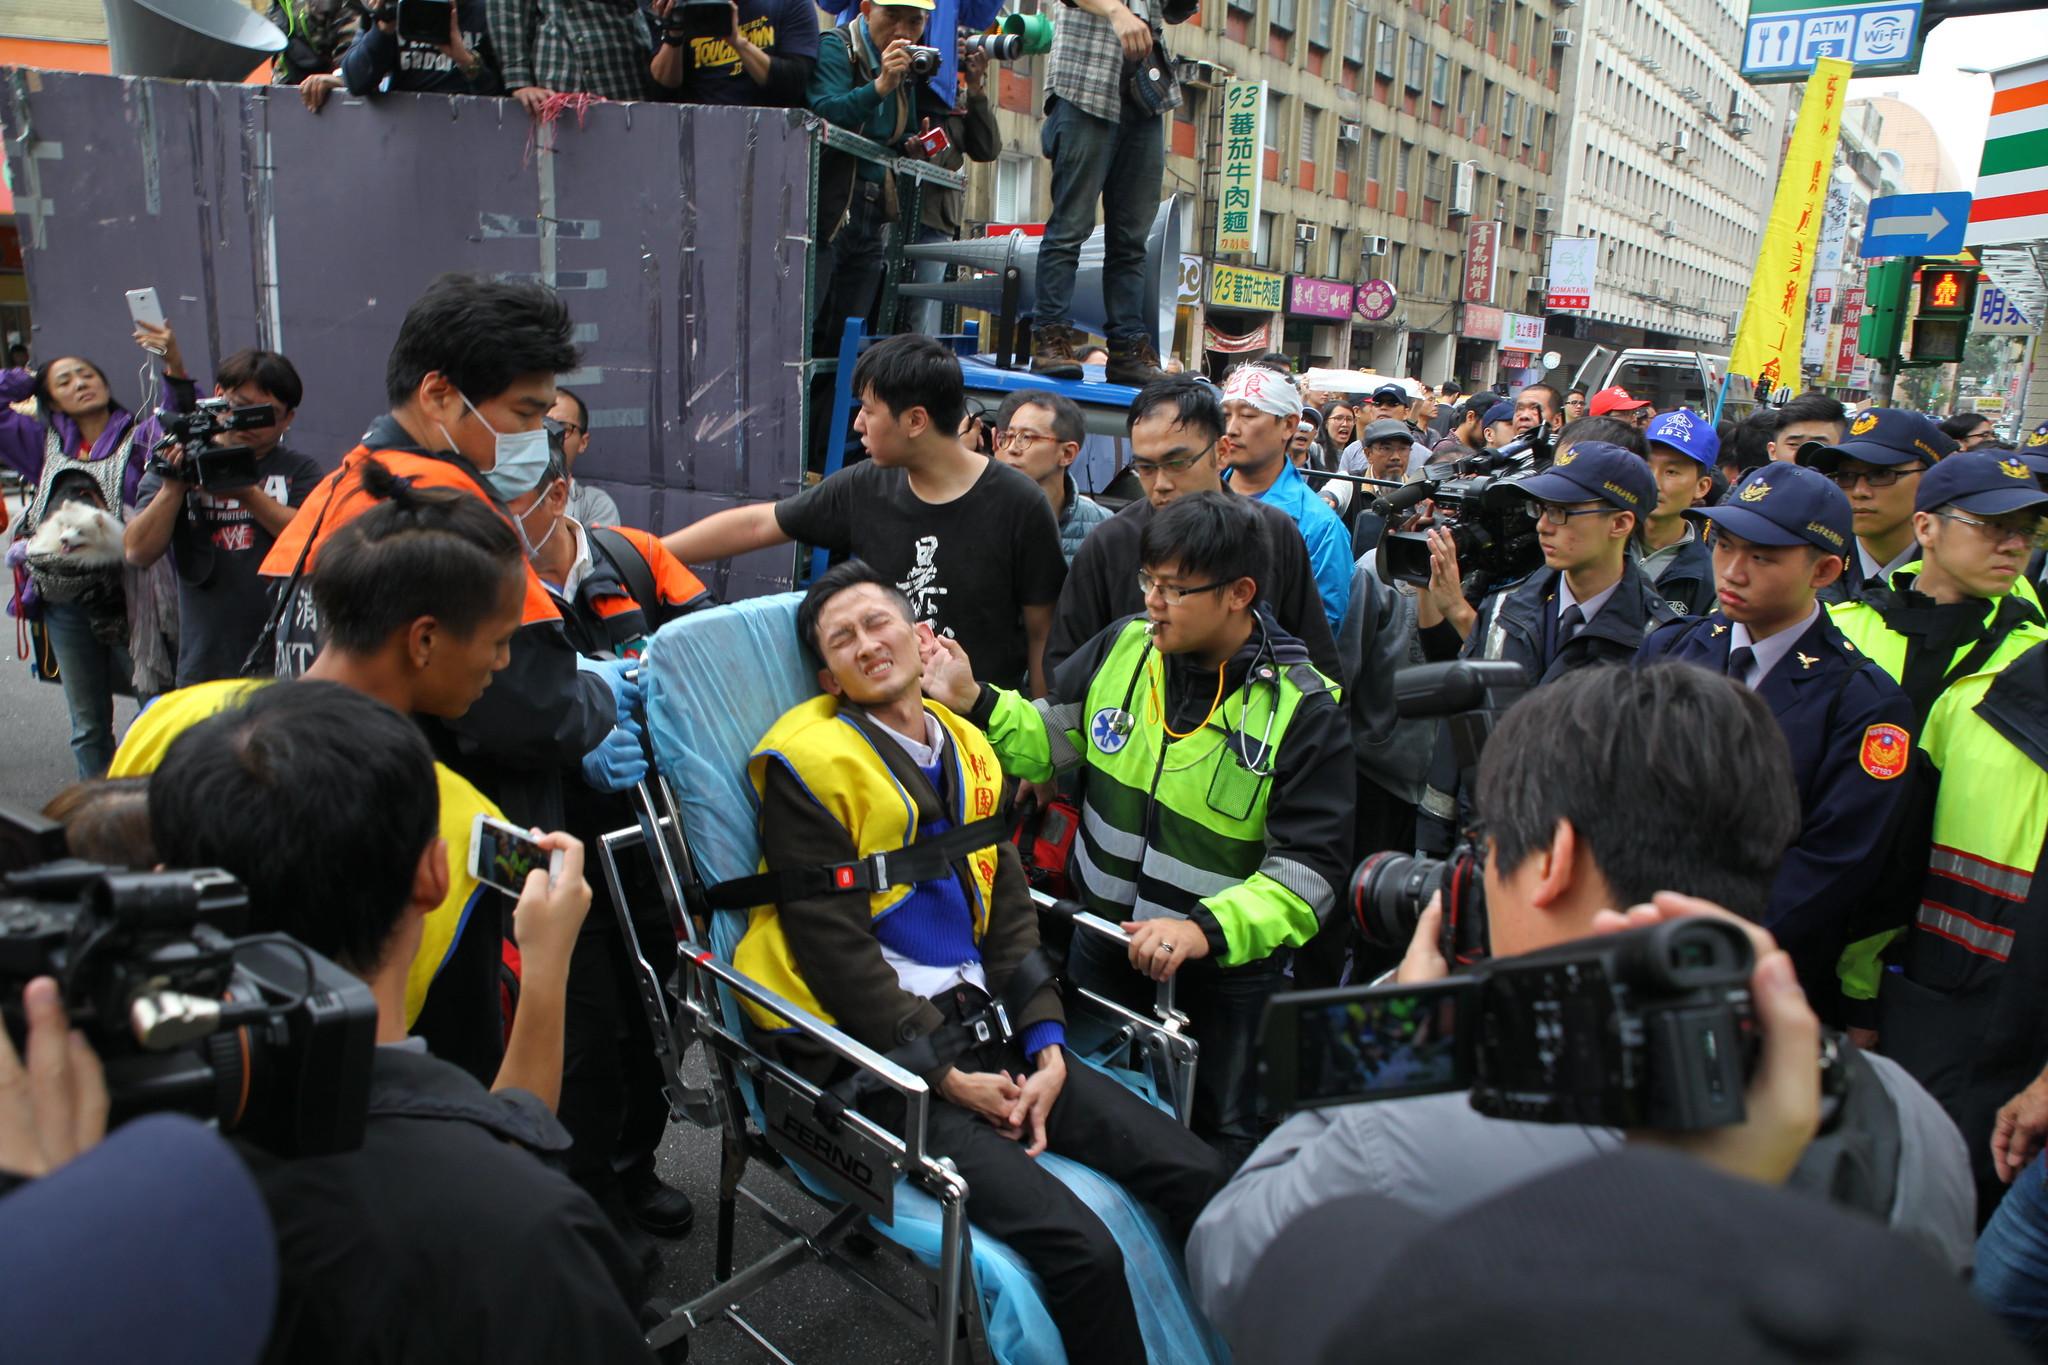 推擠衝突後民眾受傷。(攝影:陳逸婷)